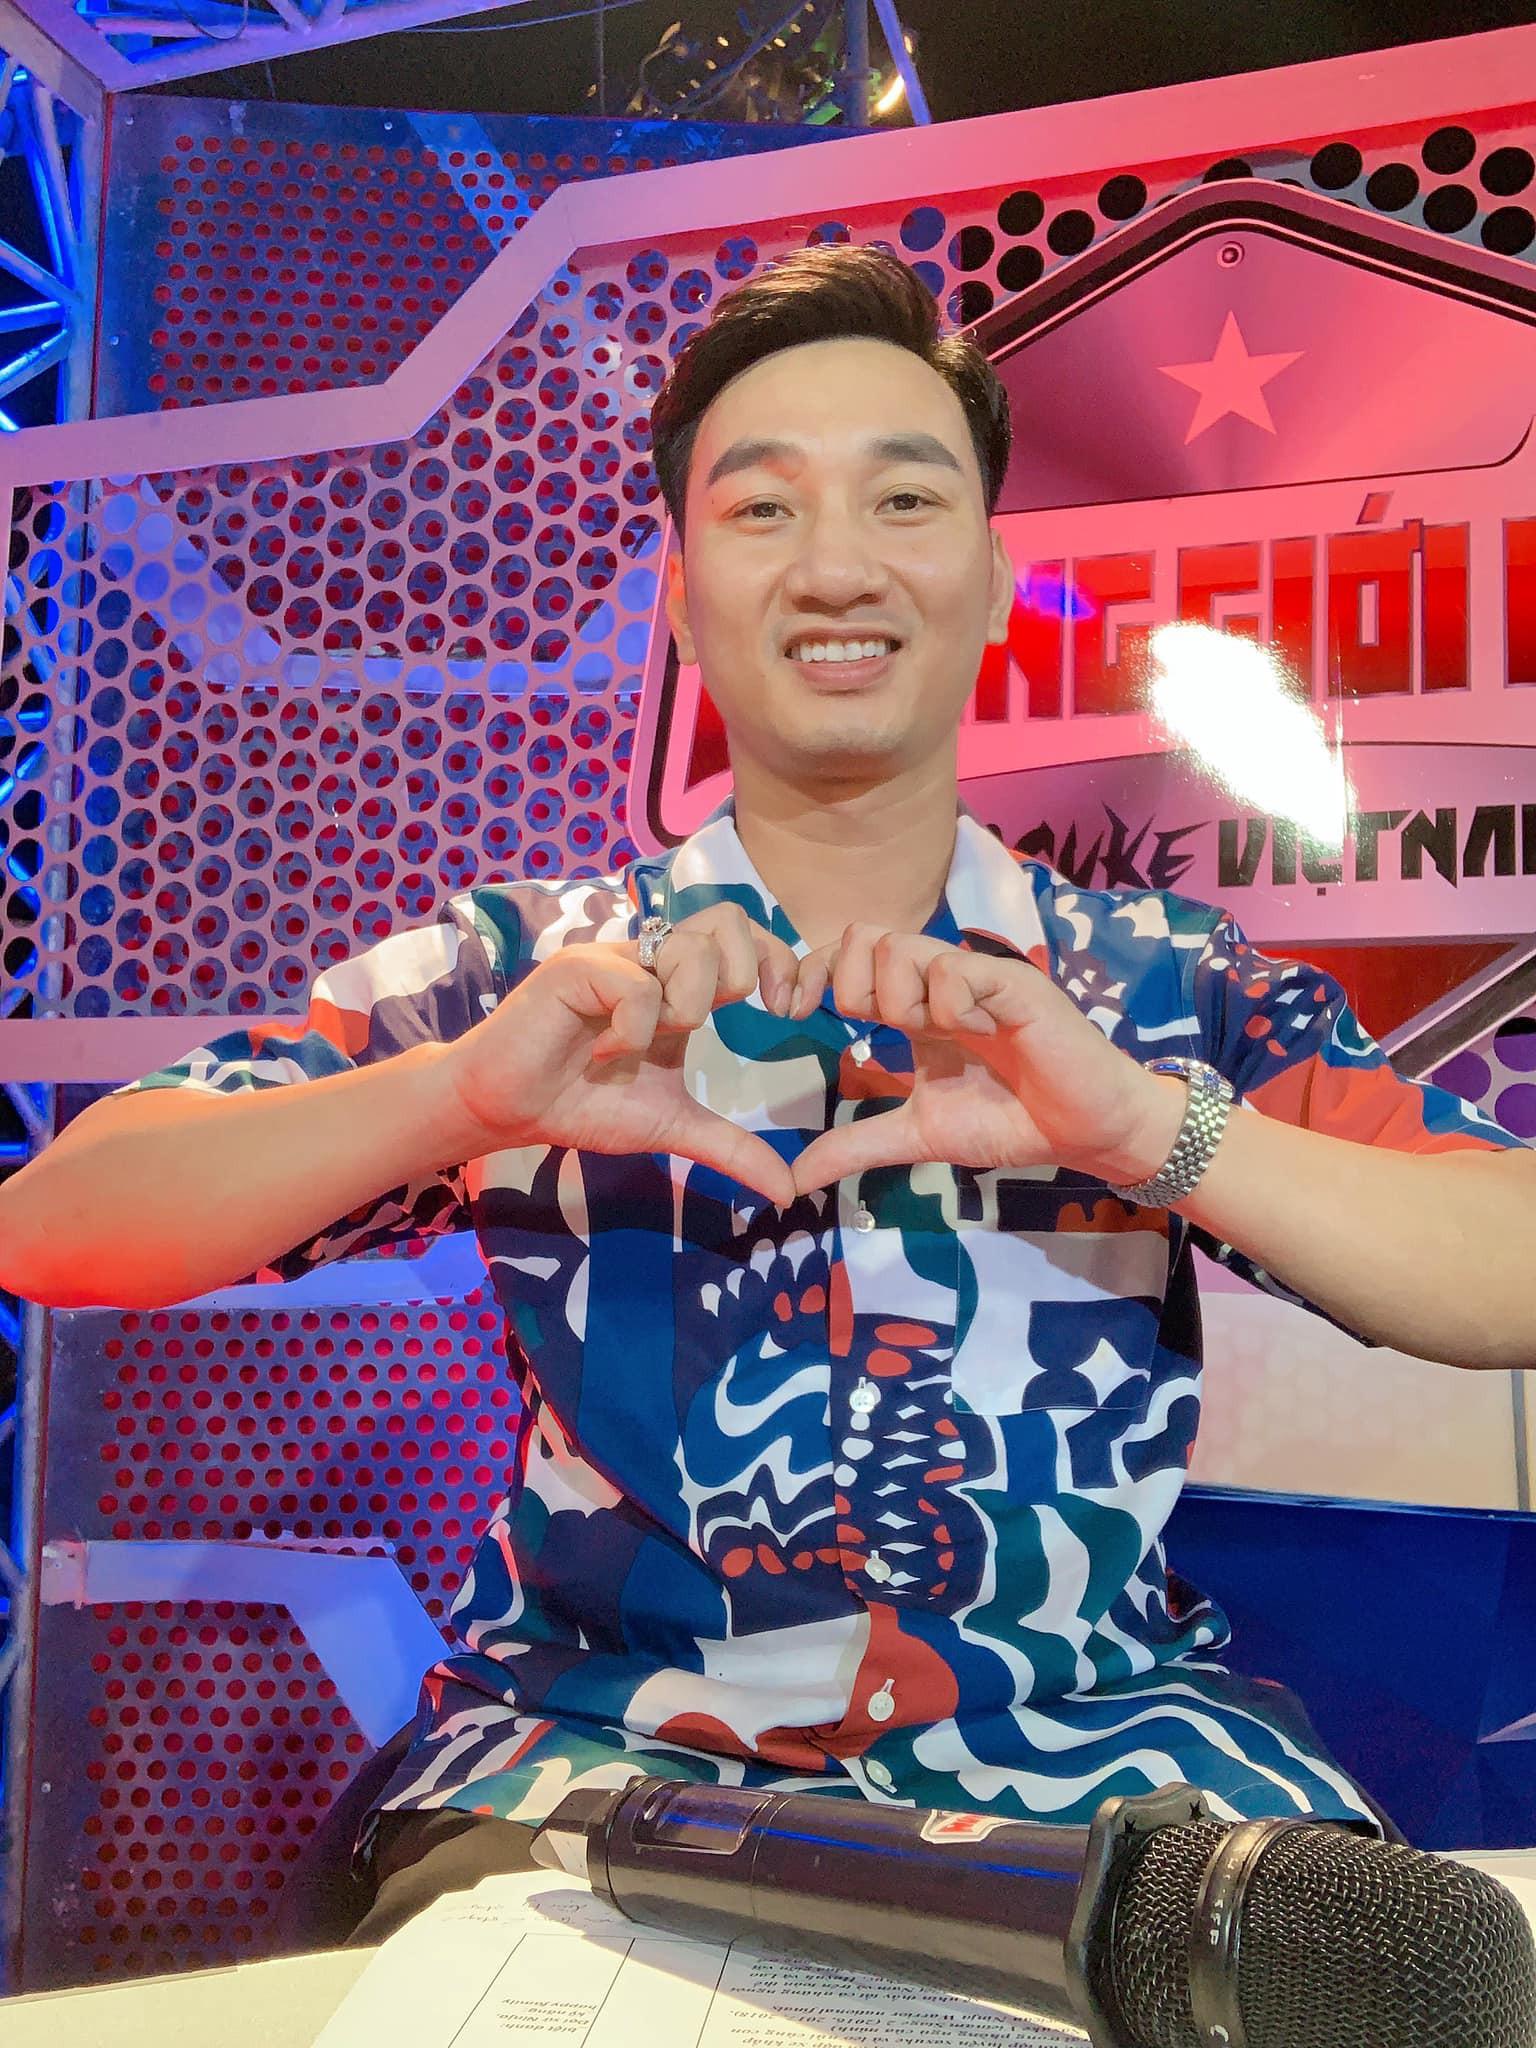 Không giới hạn - Sasuke Việt Nam: Chặng đường 5 năm ghi dấu ấn trên sóng VTV3 - Ảnh 4.